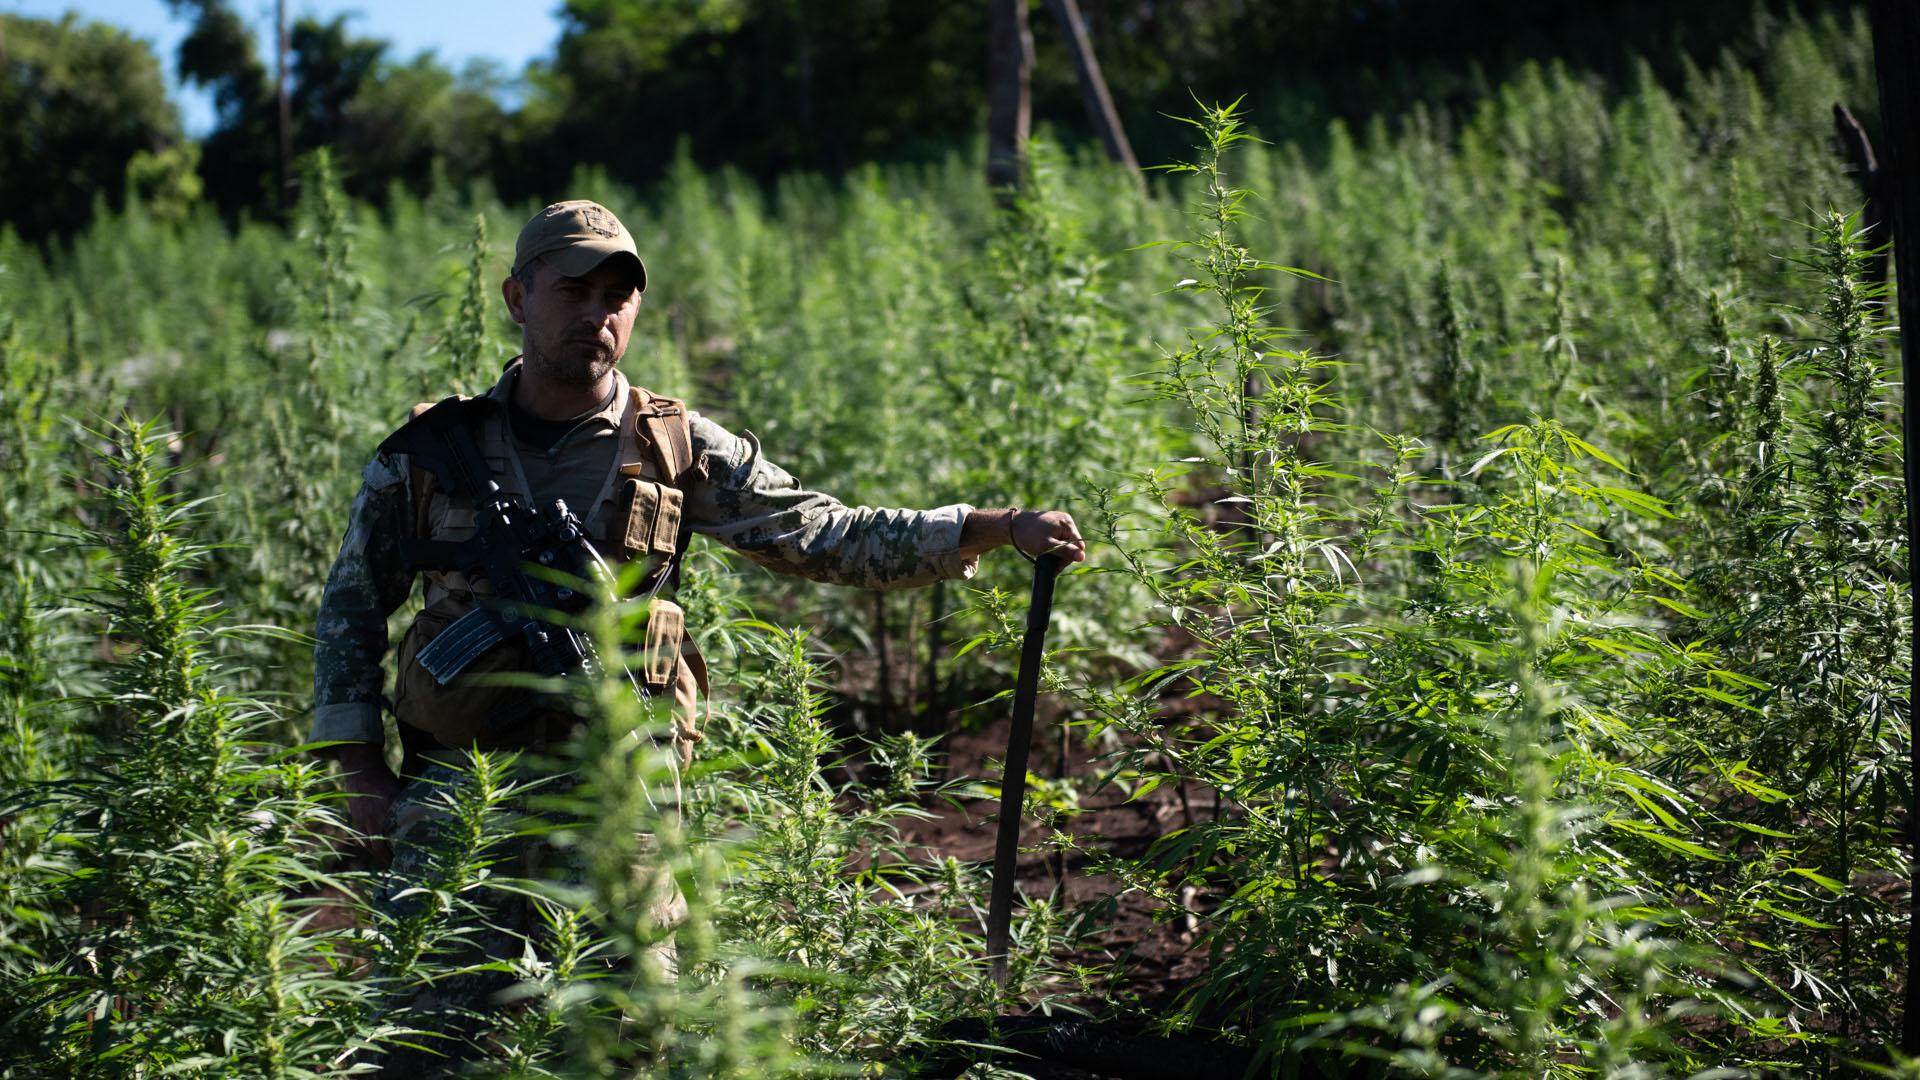 Los cosecheros, armados con pistolas y revólveres viejos, suelen huír ante las fuerzas especiales paraguayas. Encontrarlos es sumamente difícil. La frontera con Brasil se cruza a pie.